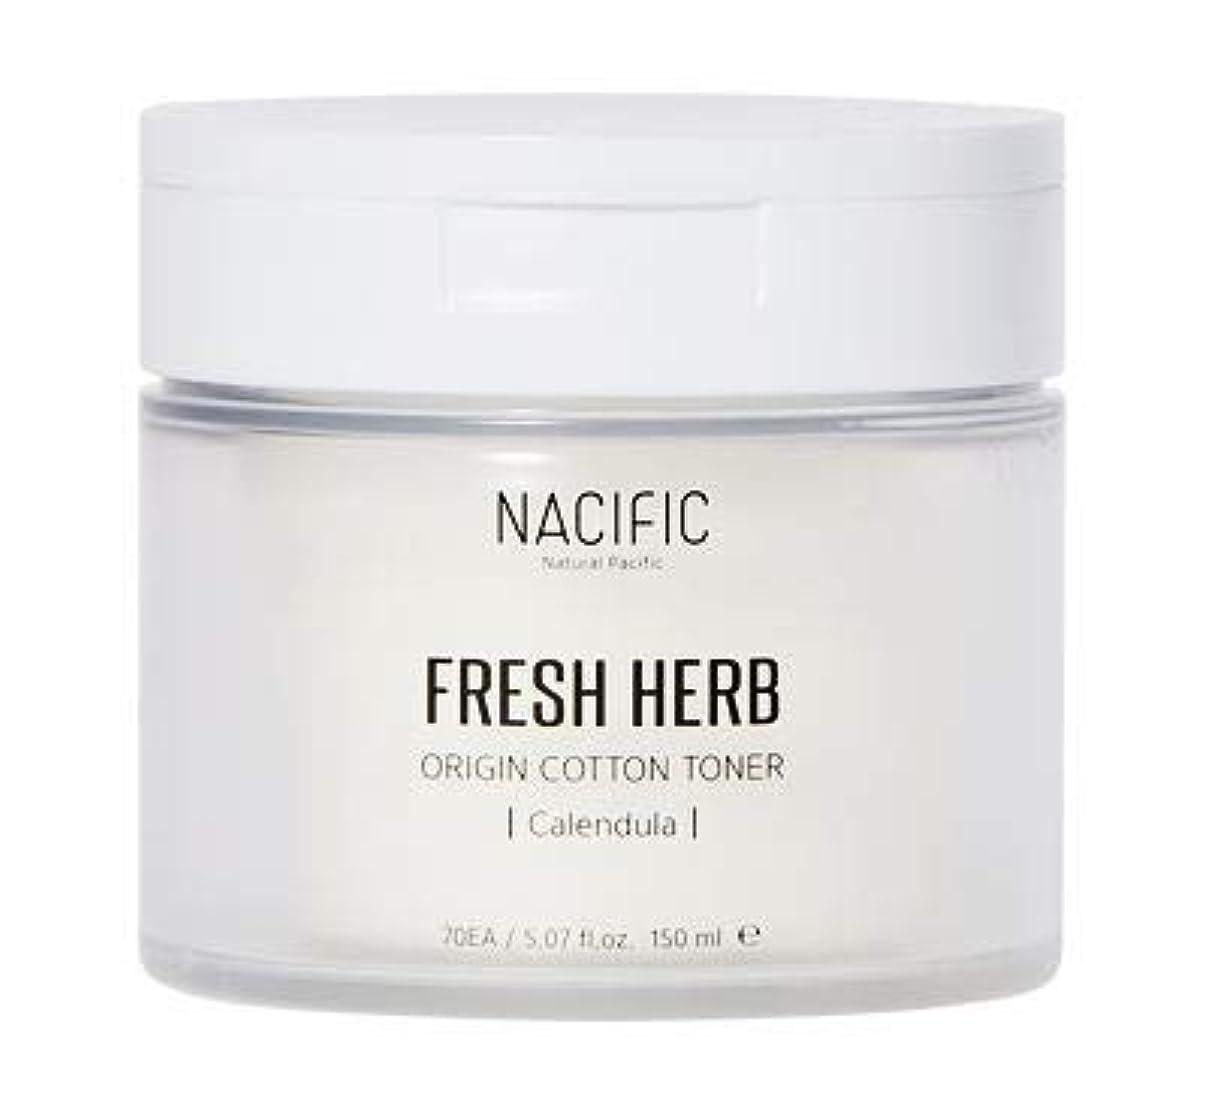 解放する言い直すポーチ[Nacific] Fresh Herb Origin Cotton Toner 150ml (Calendula) /[ナシフィック] フレッシュ ハーブ オリジン コットン トナー (カレンデュラ)150ml [並行輸入品]